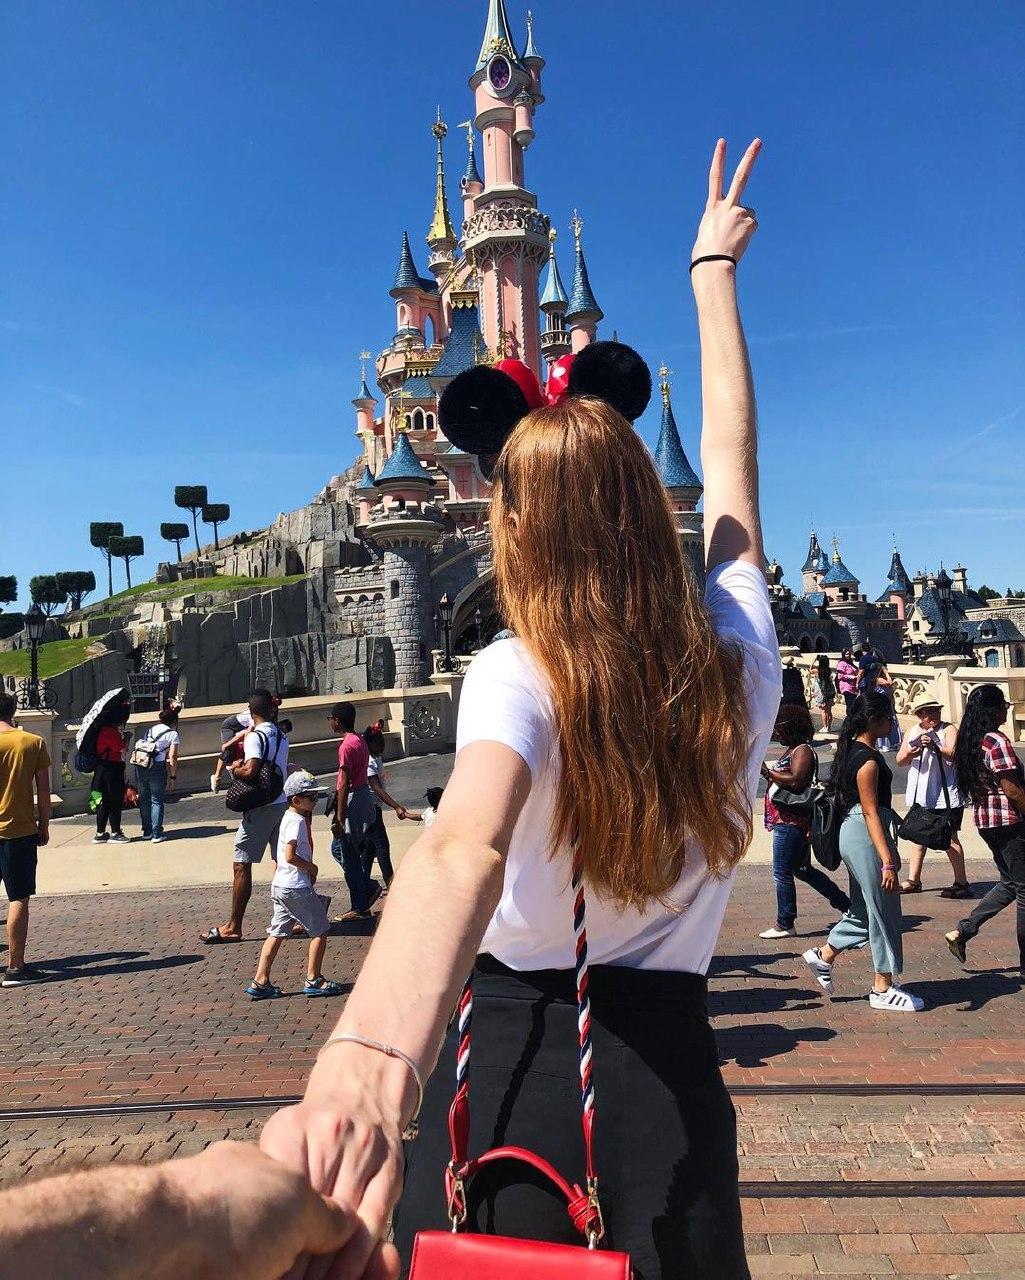 фото «После выпускного улетела в Париж»: бердчанка рассказала, как стала моделью в 16 лет, снялась для Dior и объехала 25 стран 2